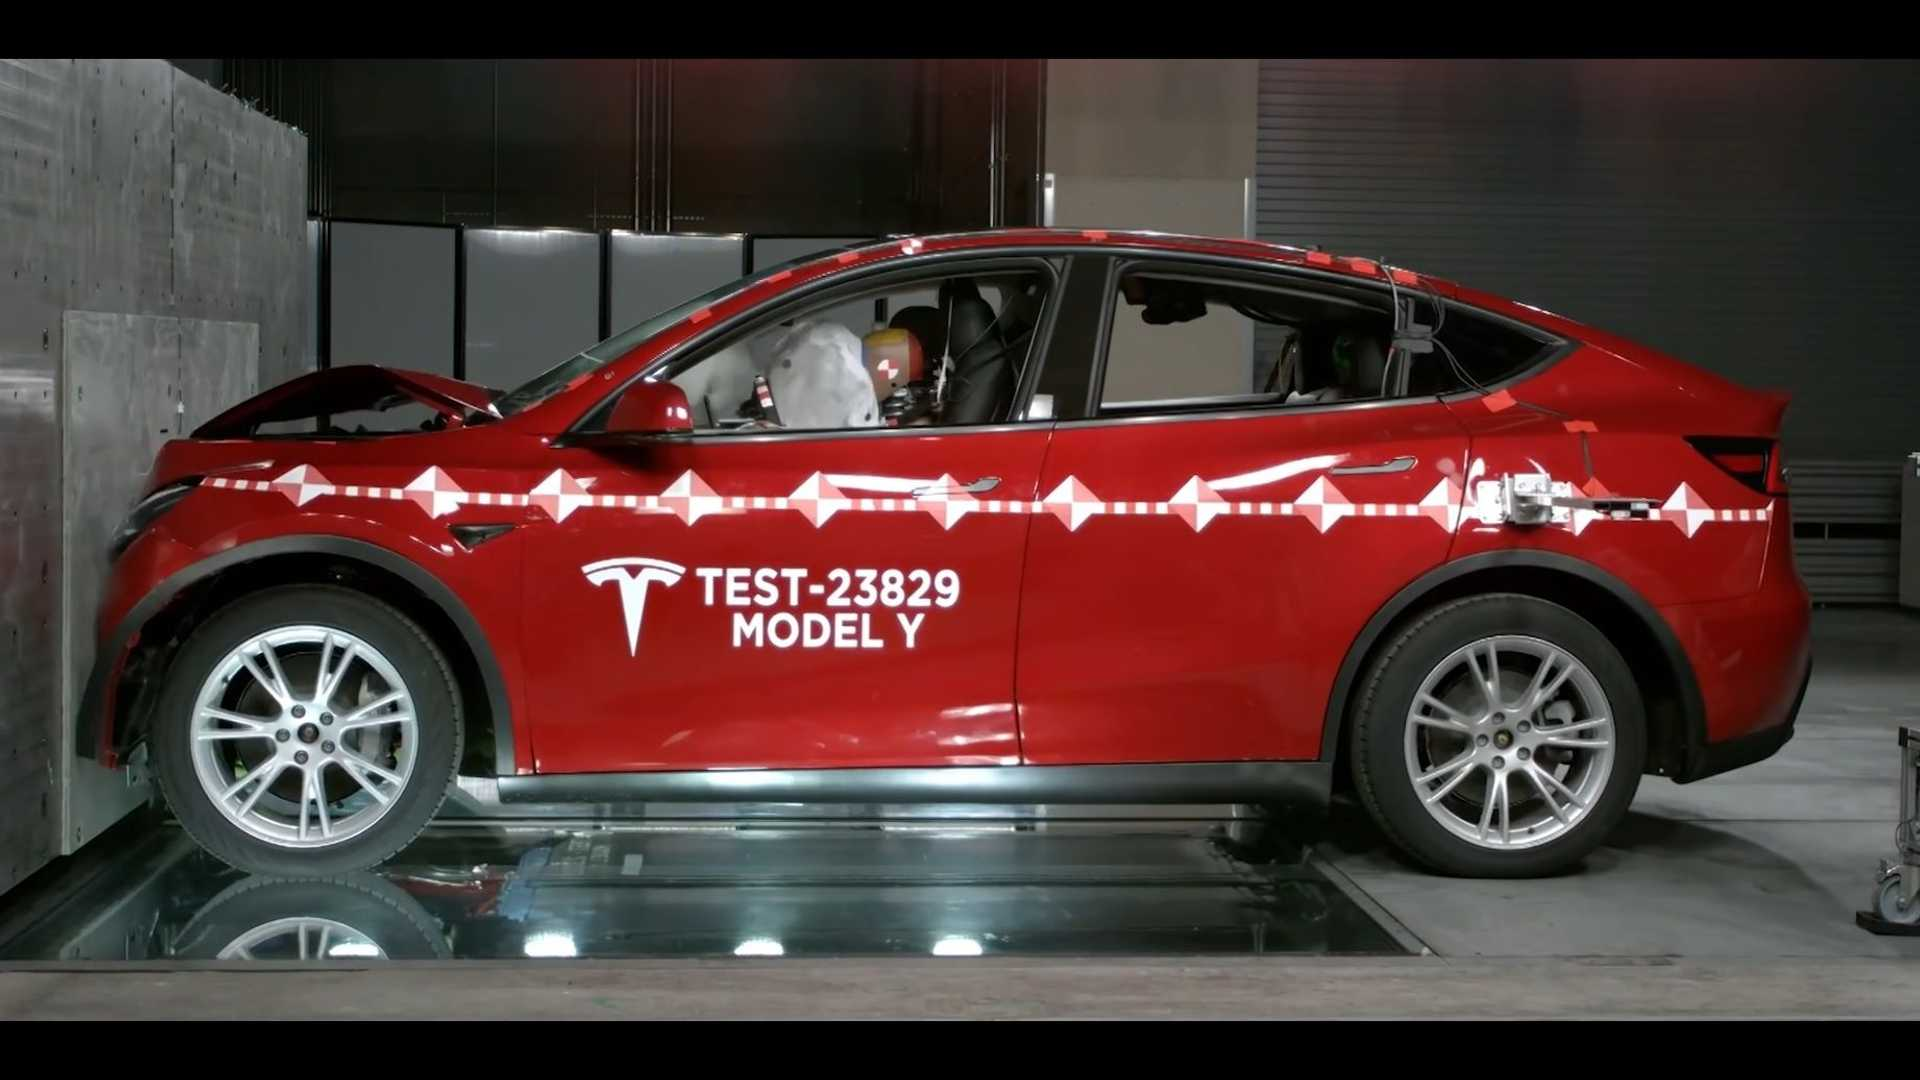 Tesla  Crash Lab: Tesla Моделирование аварии модели Y